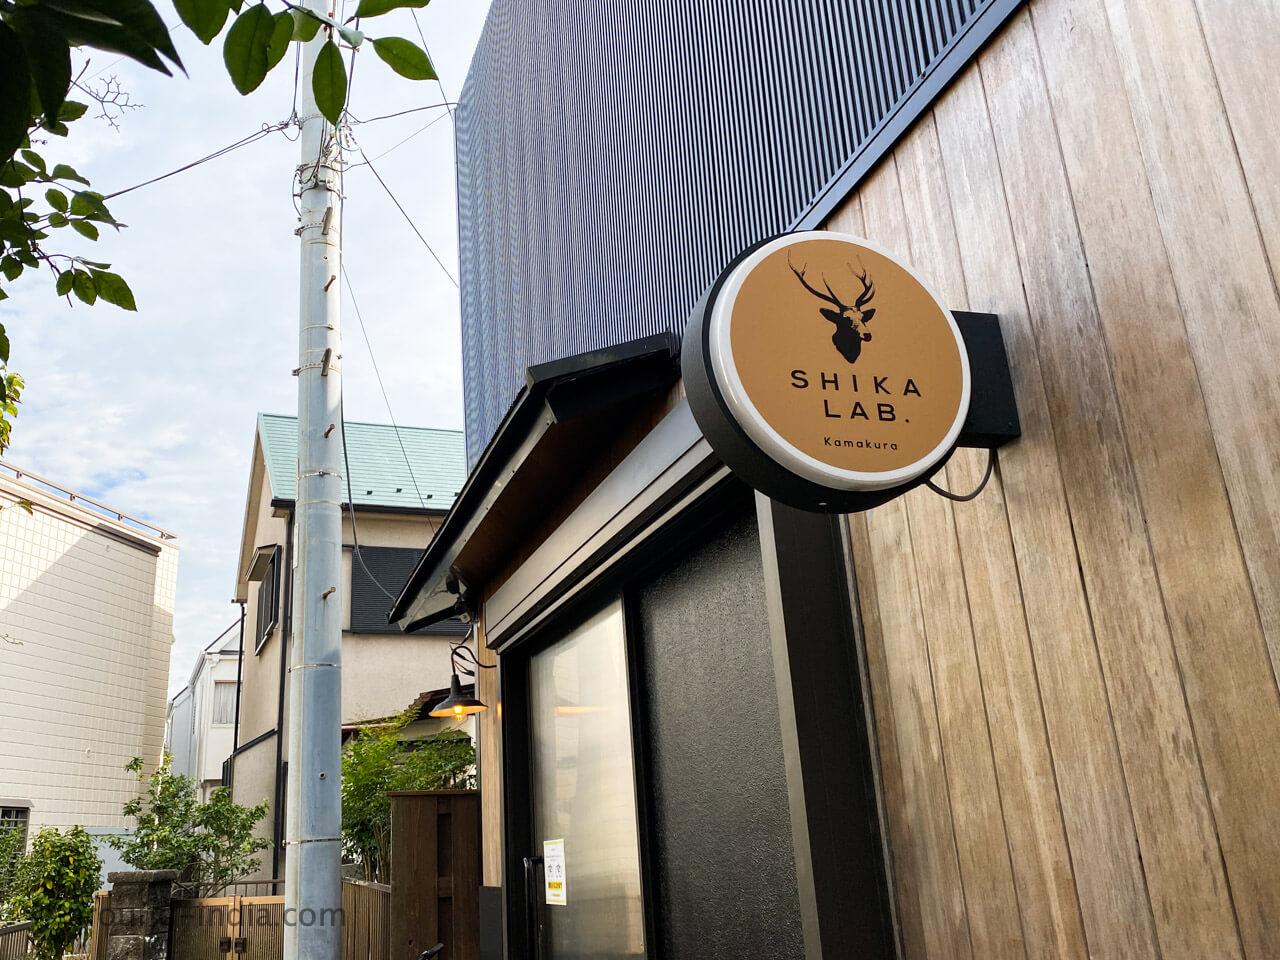 シンガポール Shikalab 鎌倉の看板